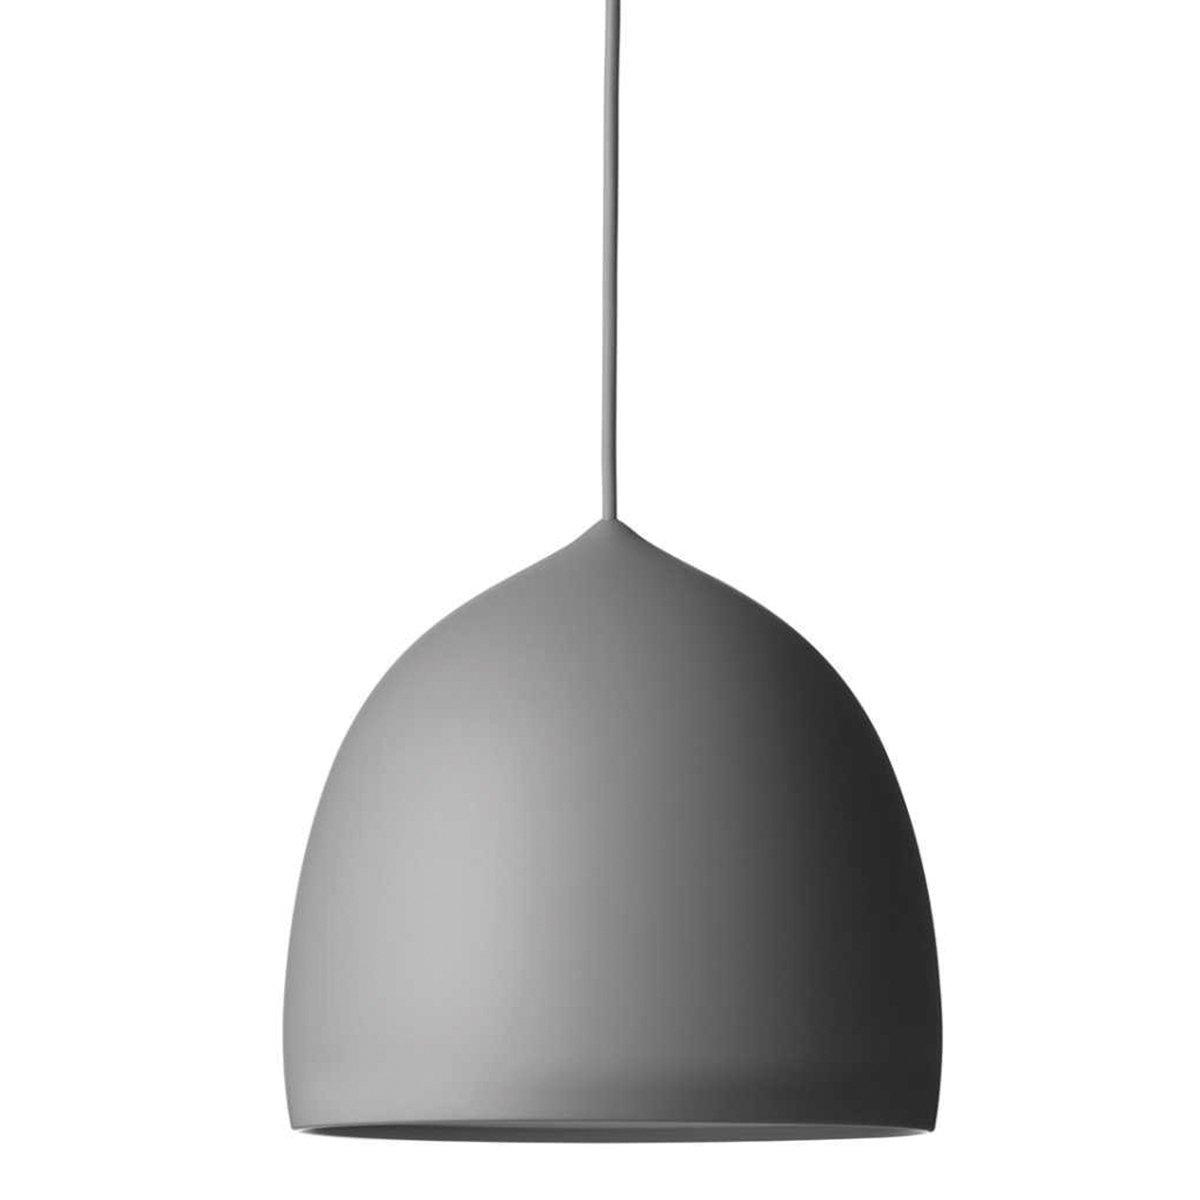 Lightyears Suspence Hanglamp P1 Grijs - Snoer 300 cm.